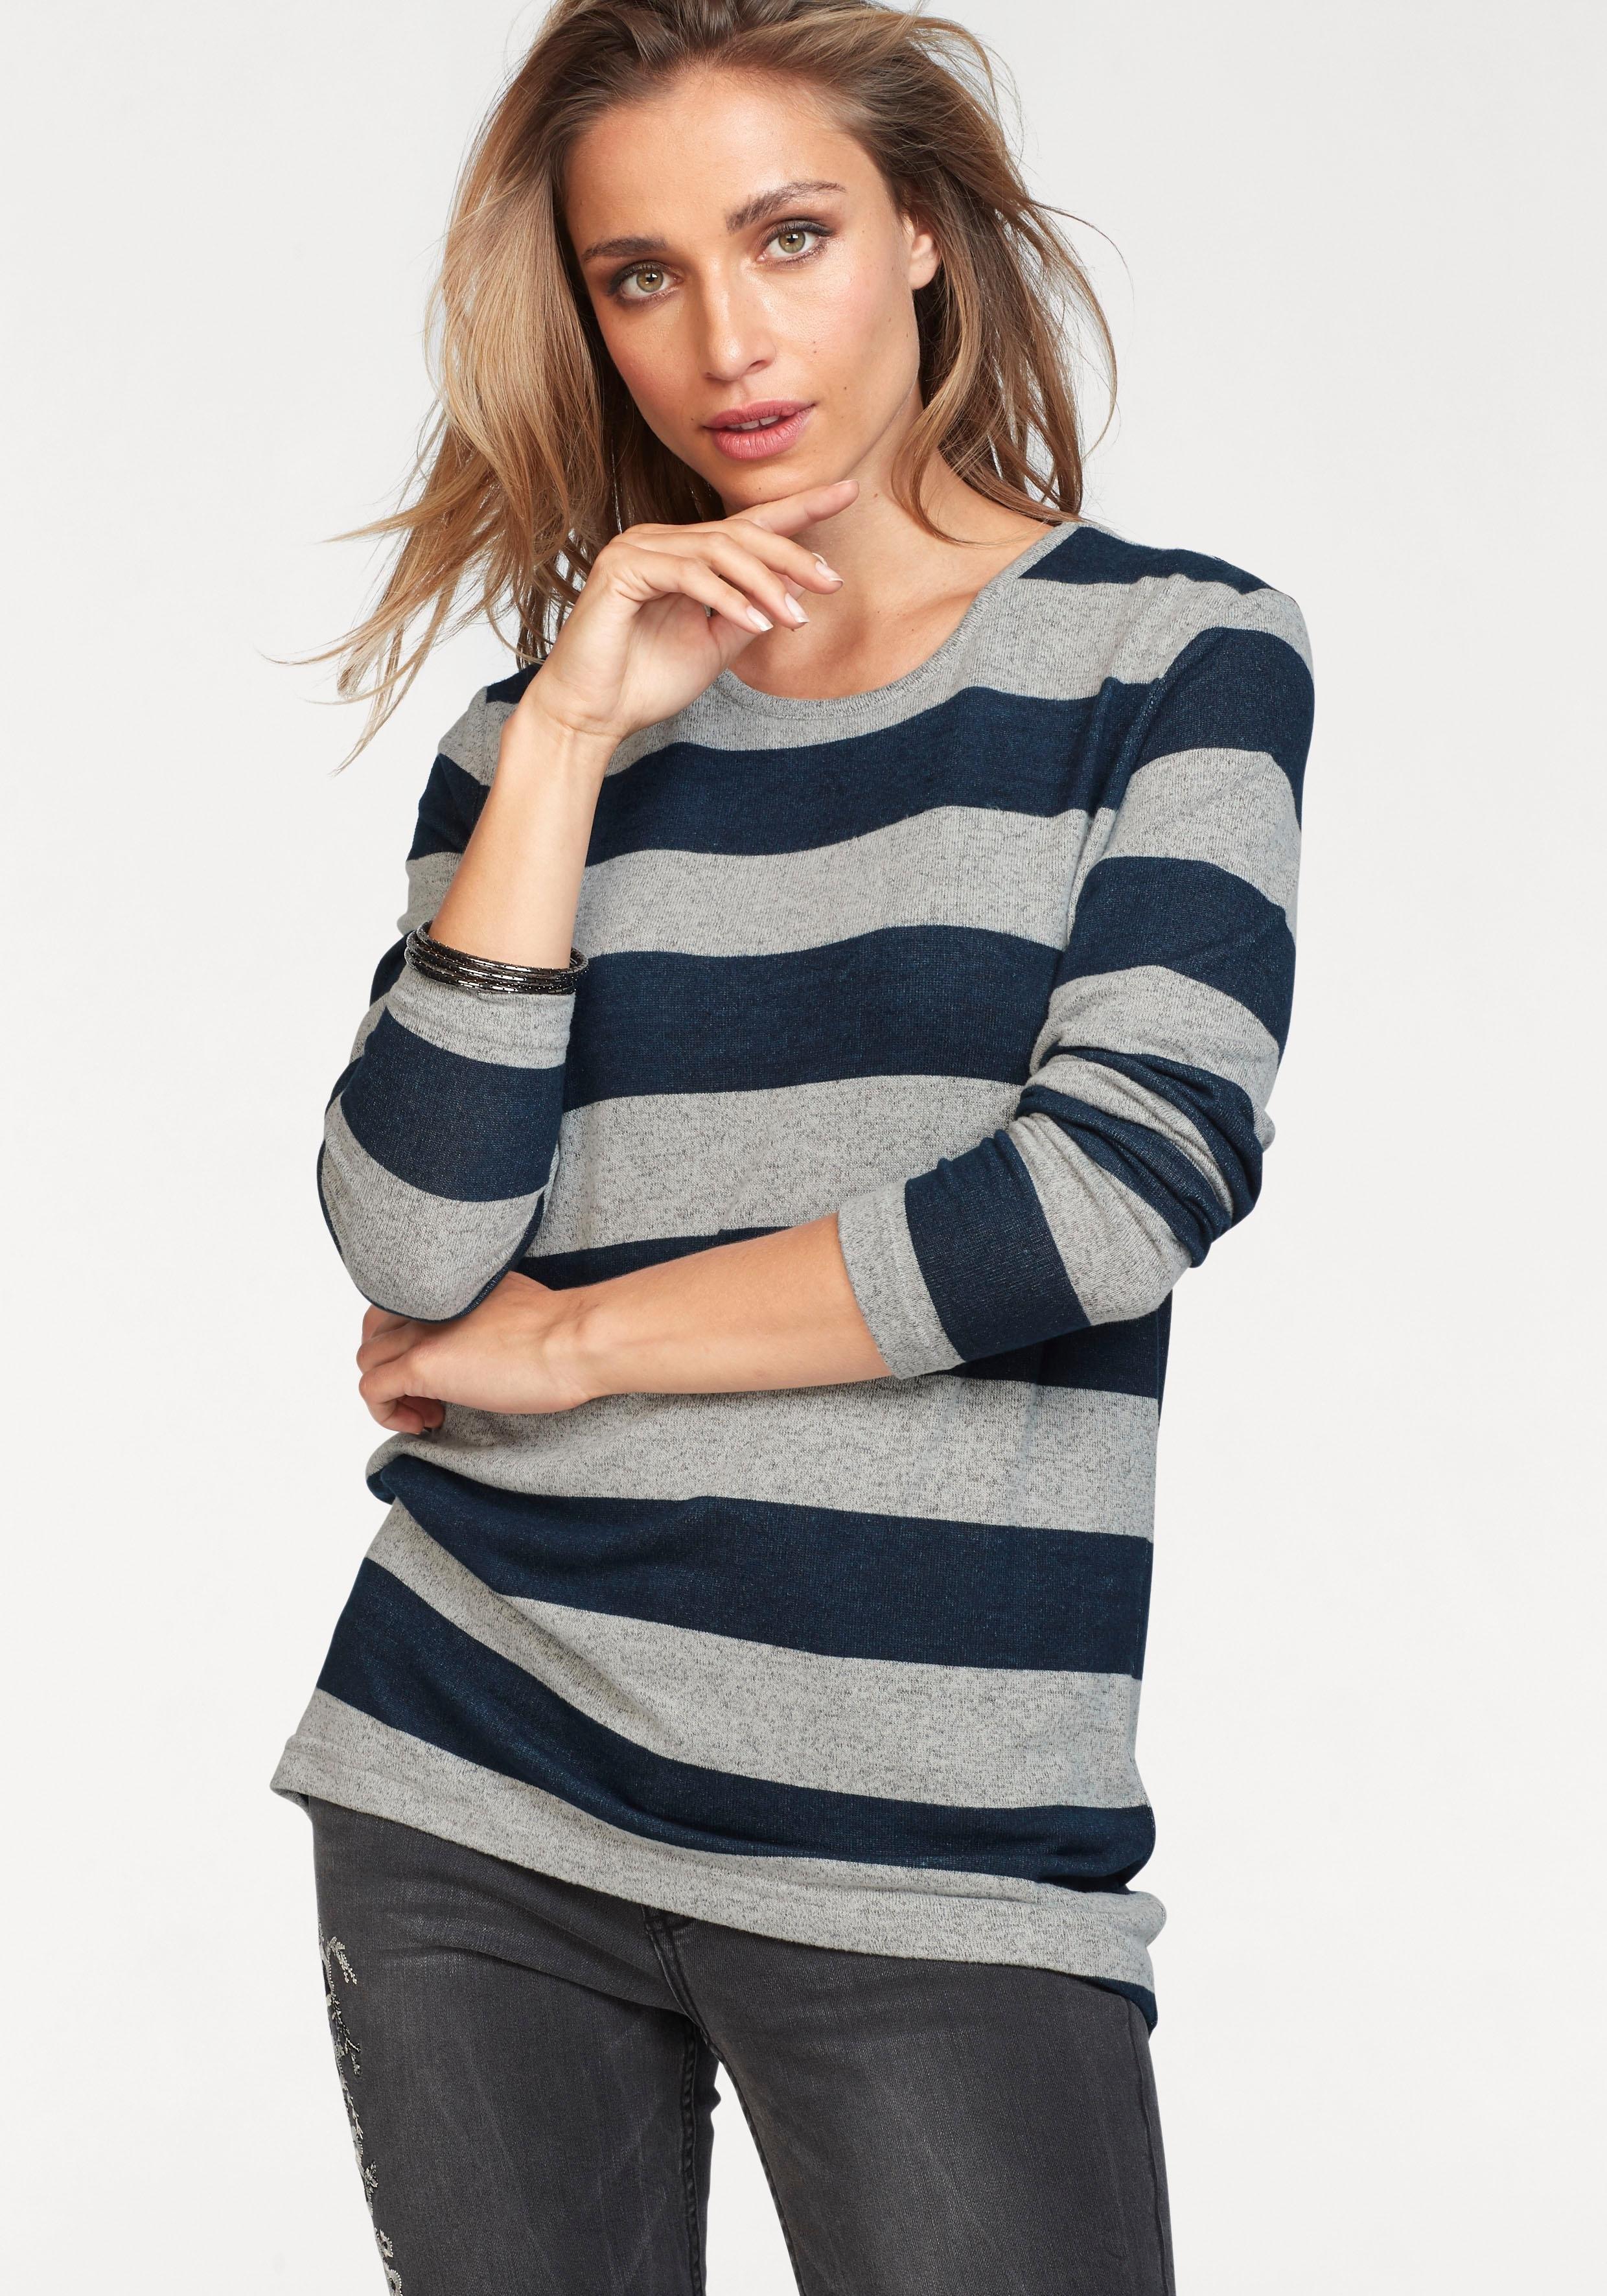 Aniston By Baur Aniston trui met ronde hals voordelig en veilig online kopen